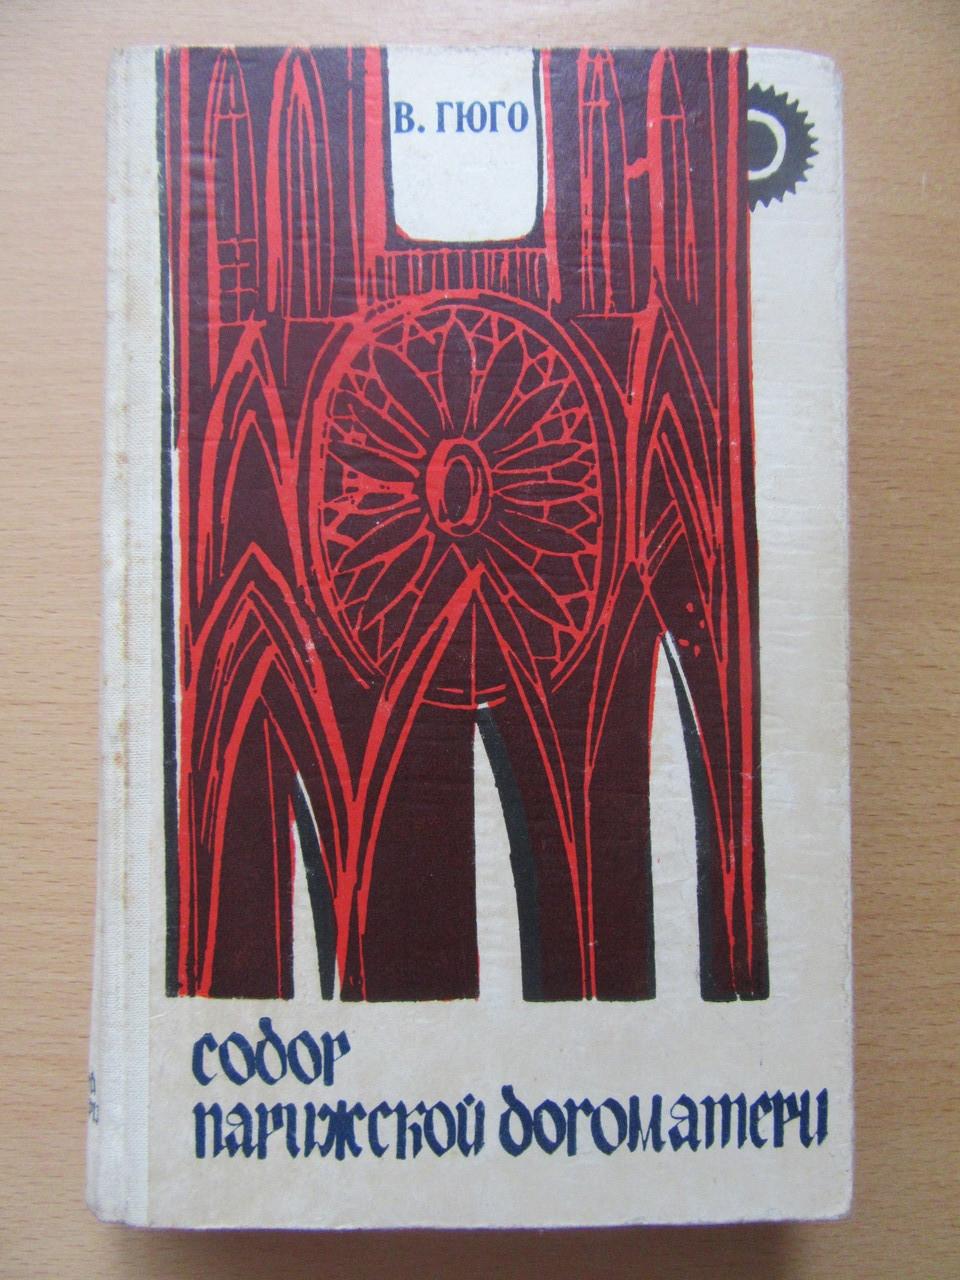 Виктор Гюго. Собор Парижской Богоматери. 1970г